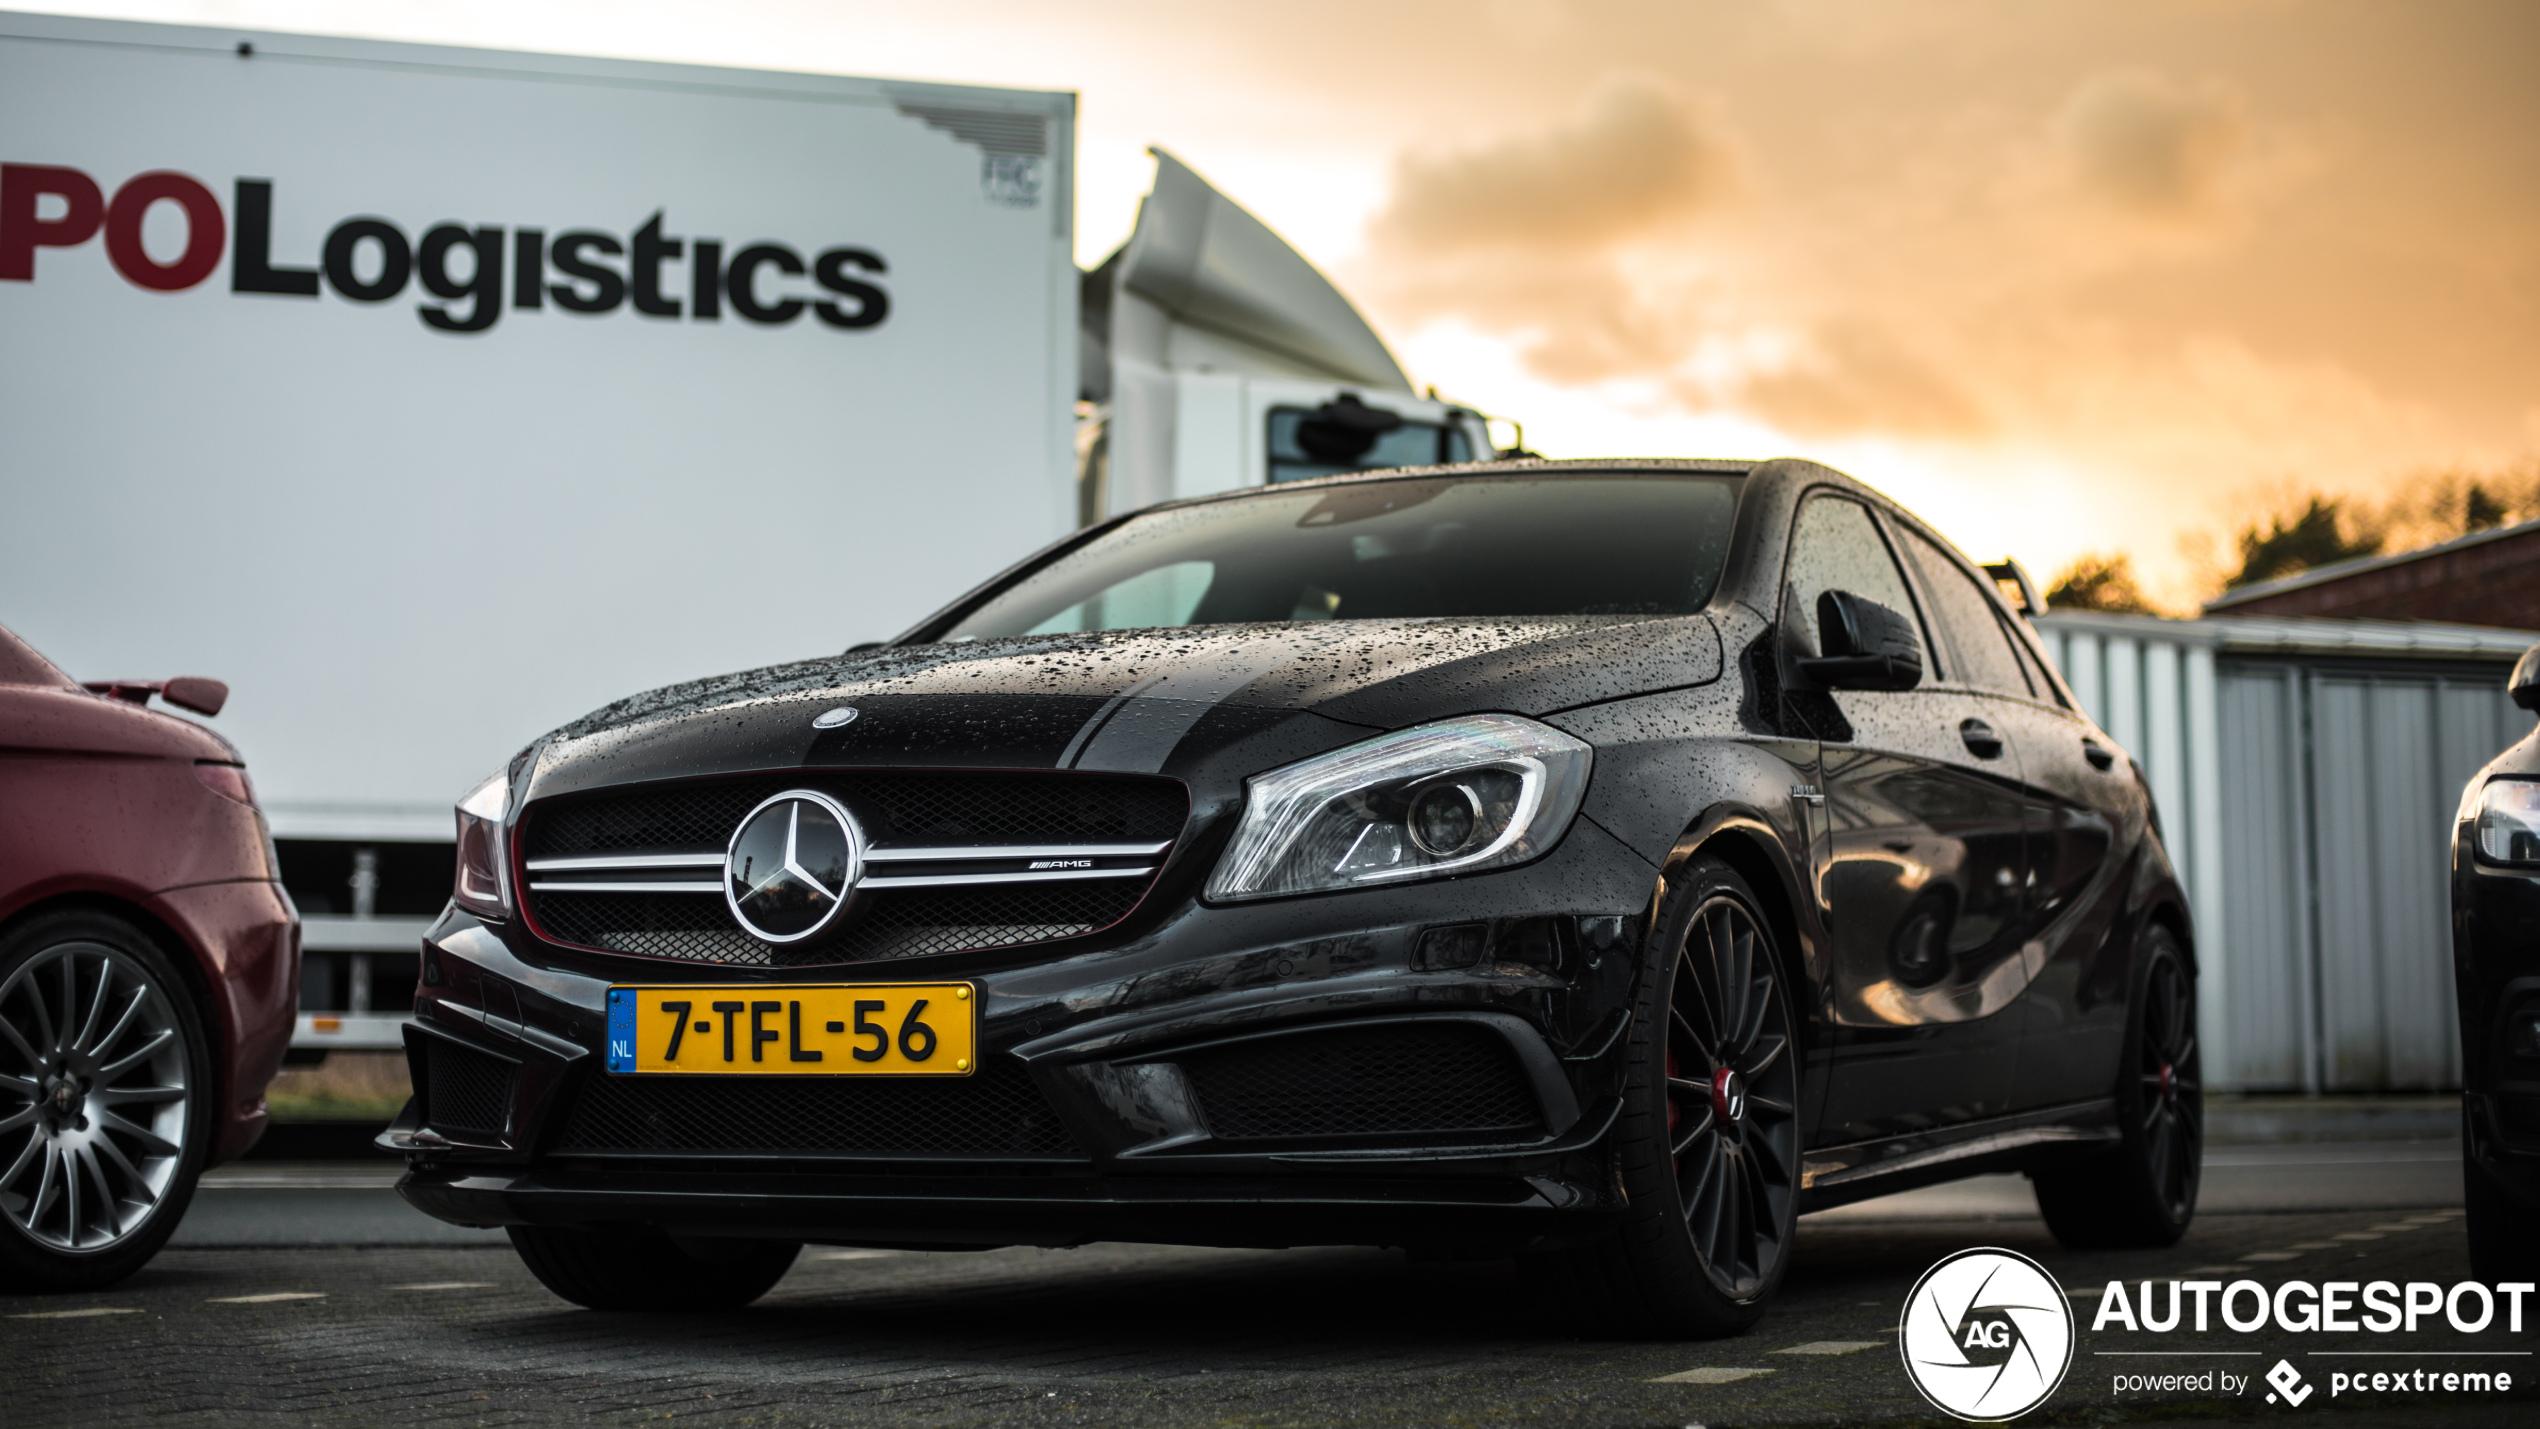 Mercedes-Benz A 45 AMG profiteert van de avondzon